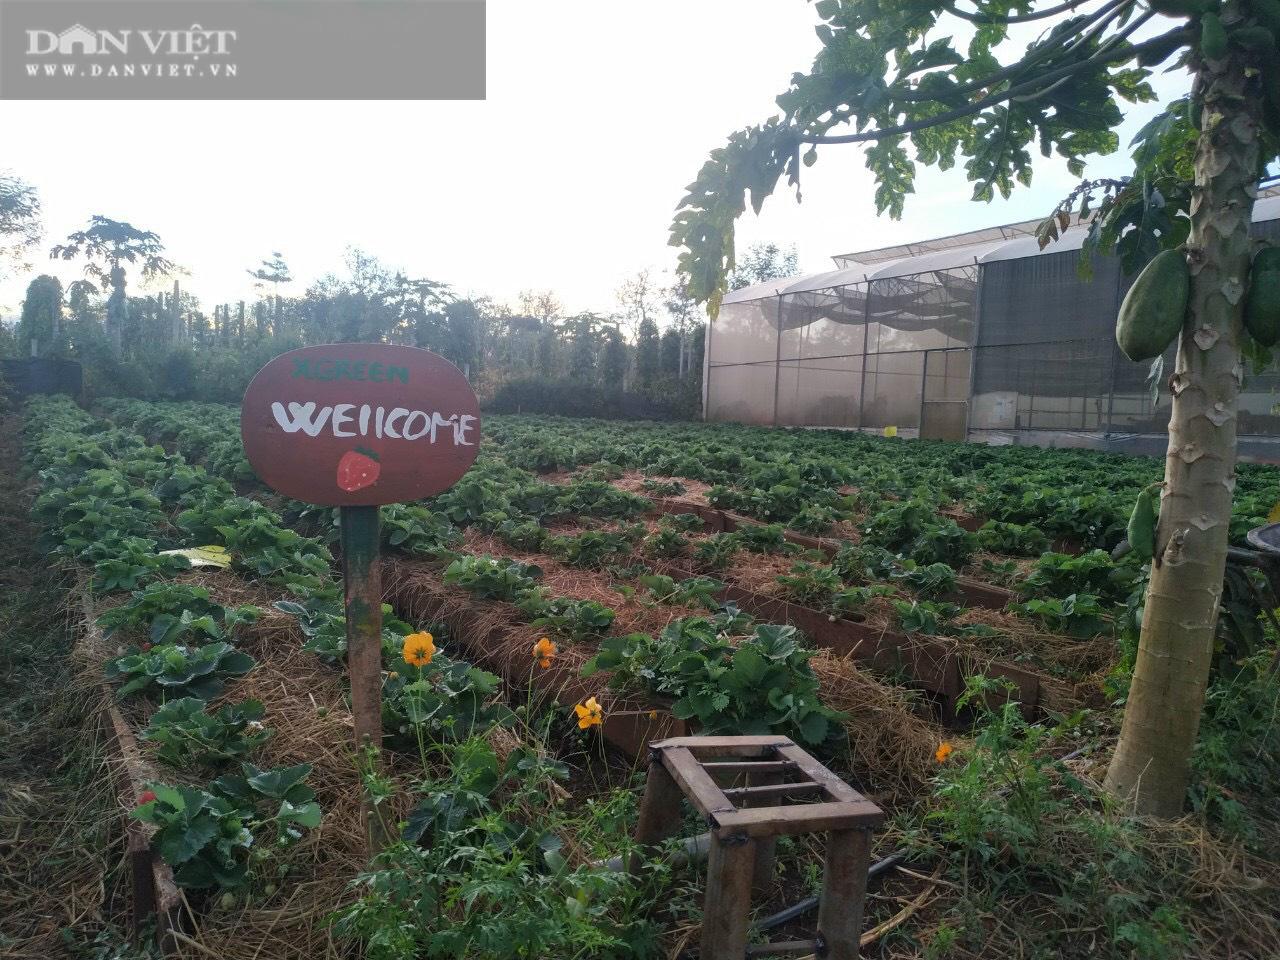 Kỹ sư 8X đánh liều trồng giống dâu lạ, làm 2 vụ đã thu hồi vốn đầu tư ban đầu - Ảnh 4.